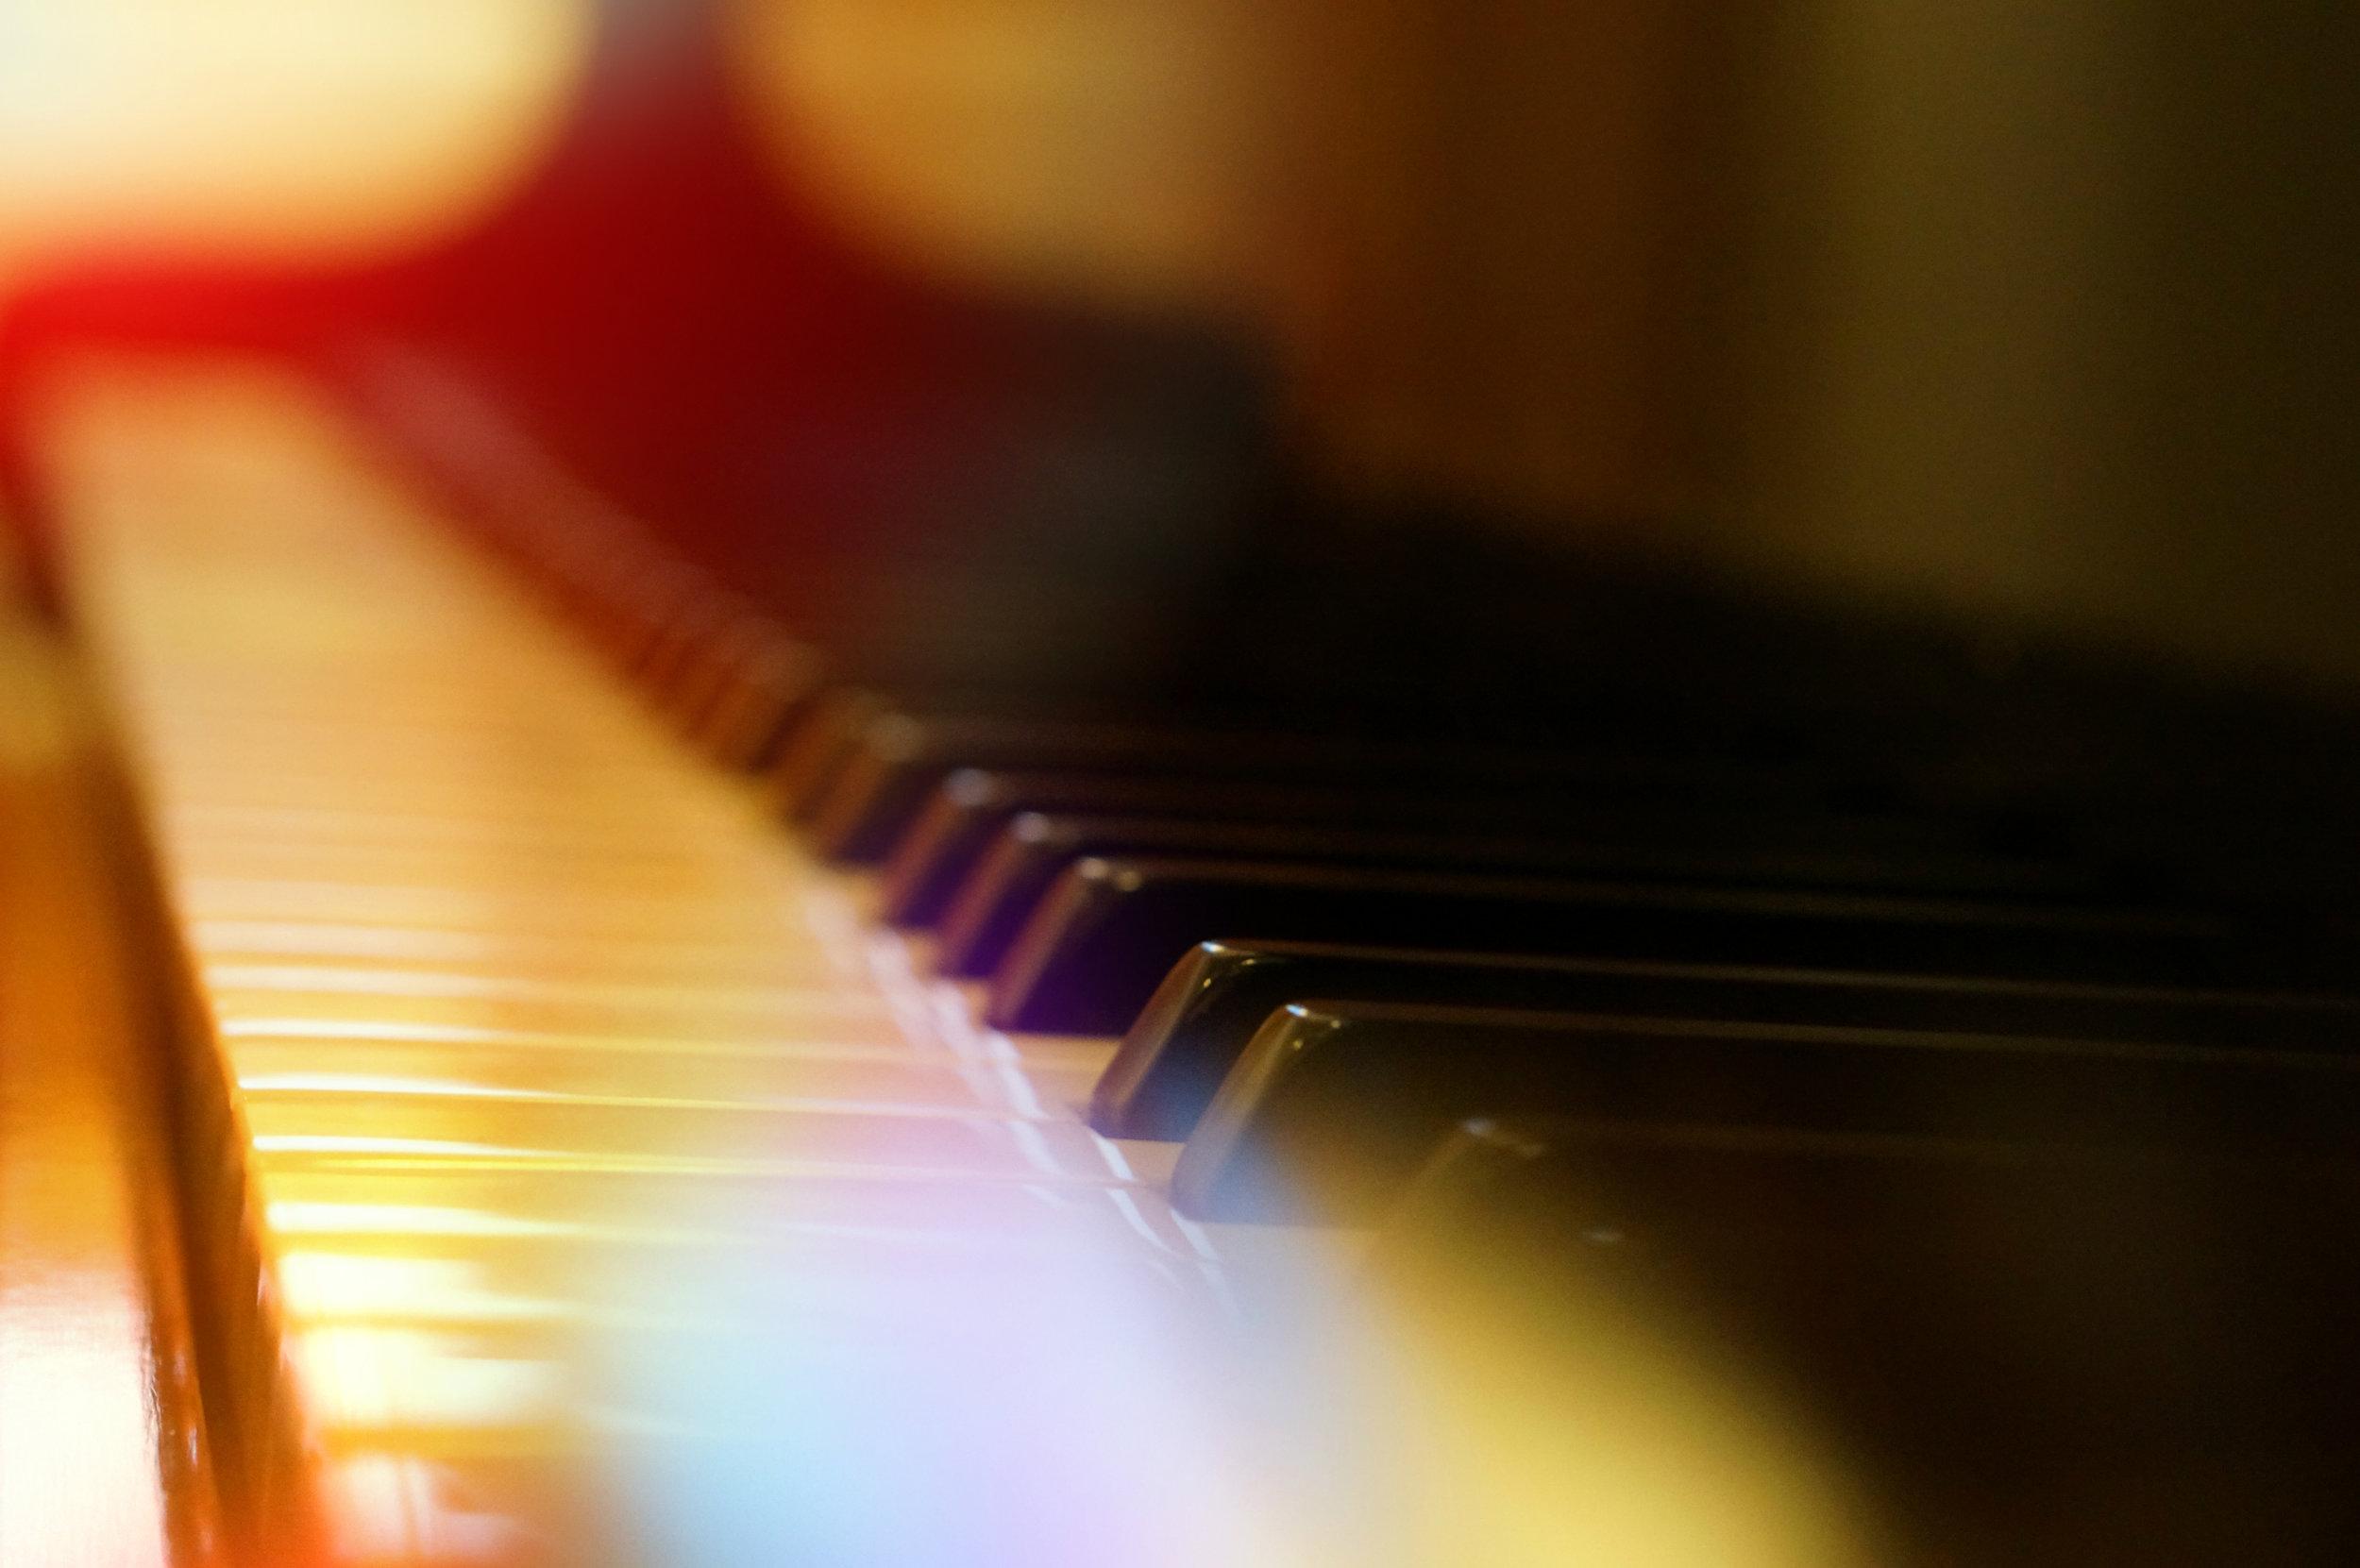 Clases de Piano - · Aprende a tocar el piano con nuestras clases para todas las edades y gustos musicales.· Clases individuales para que aprendas a tu propio ritmo.· 1/2 hora a la semana por sólo 55 euros al mes.· ¿Aún te lo estás pensando?